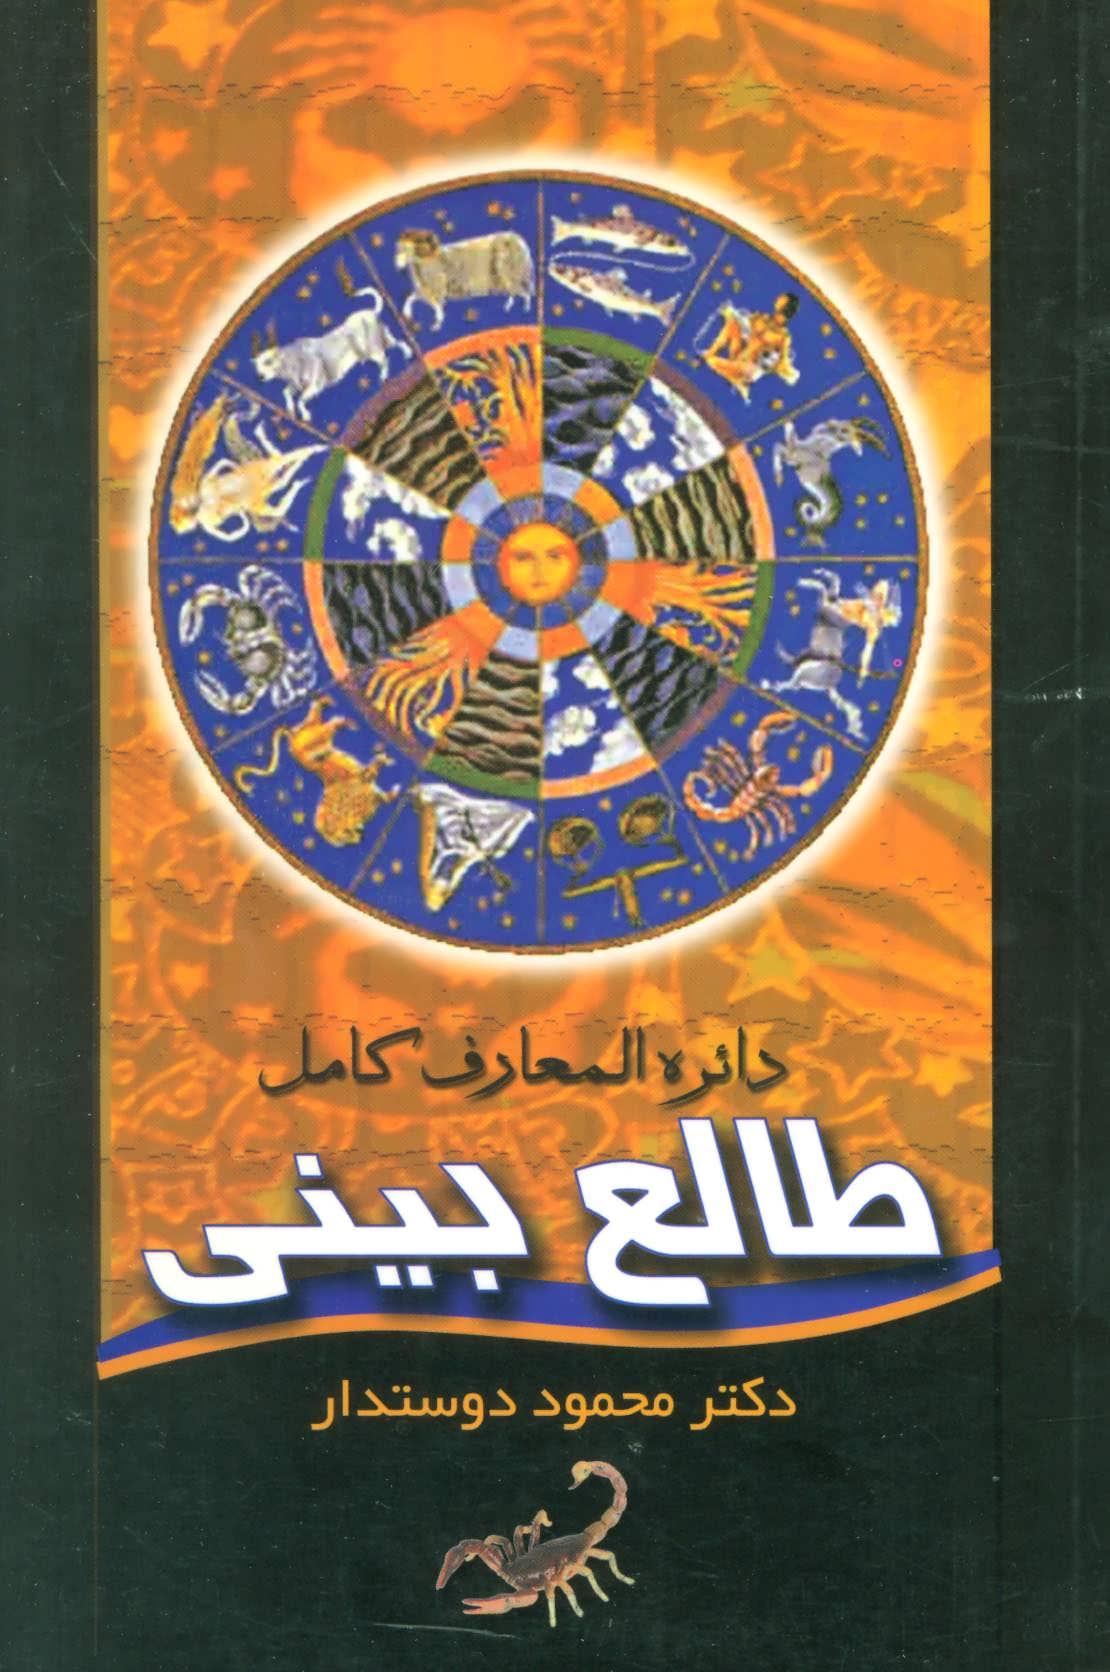 کتاب دائره المعارف کامل طالع بینی